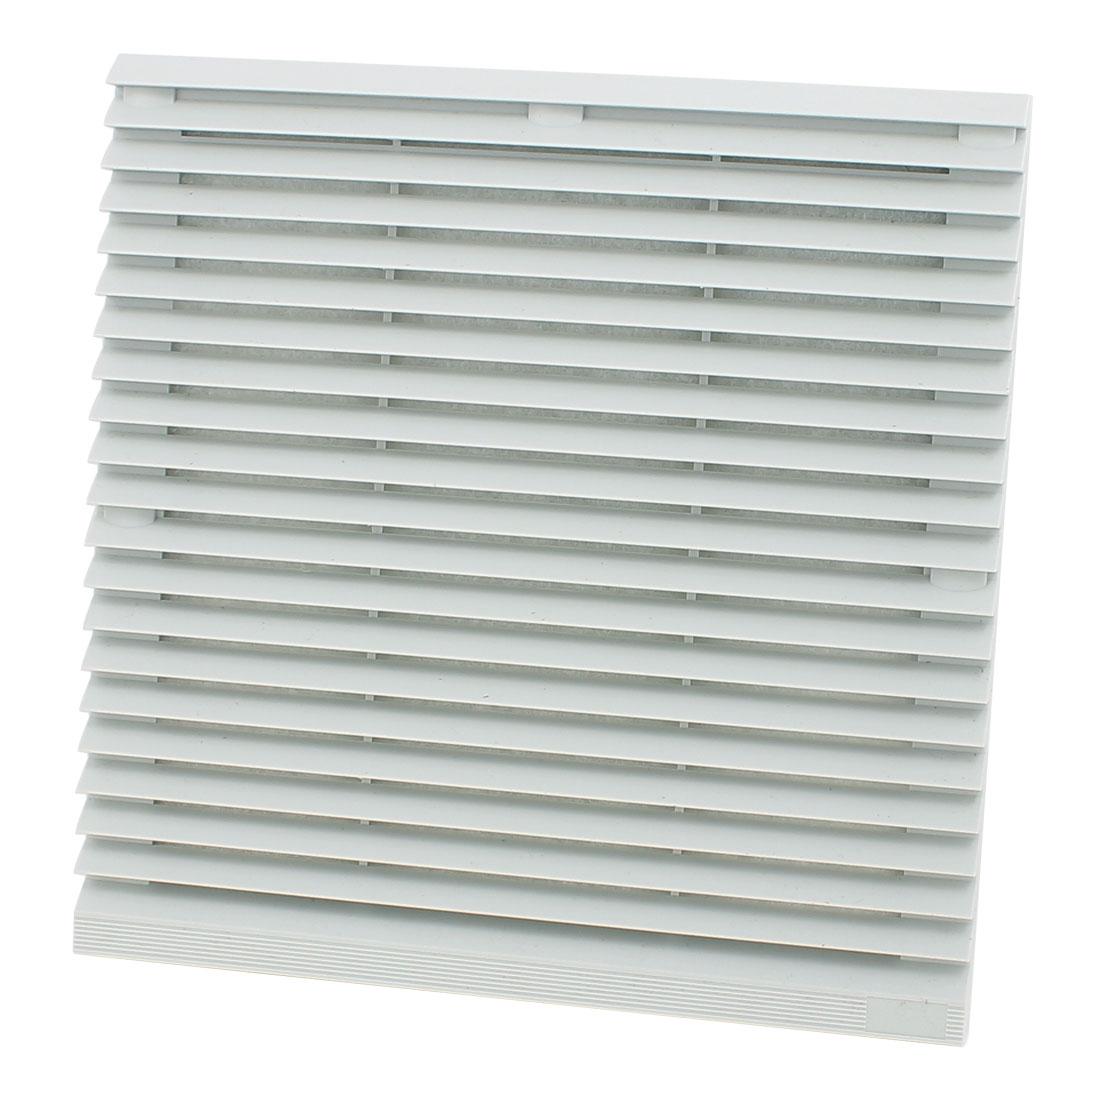 Gray 255mm x 255mm Plastic Cabinet Washable Axial Flow Fan Foam Dust Filter